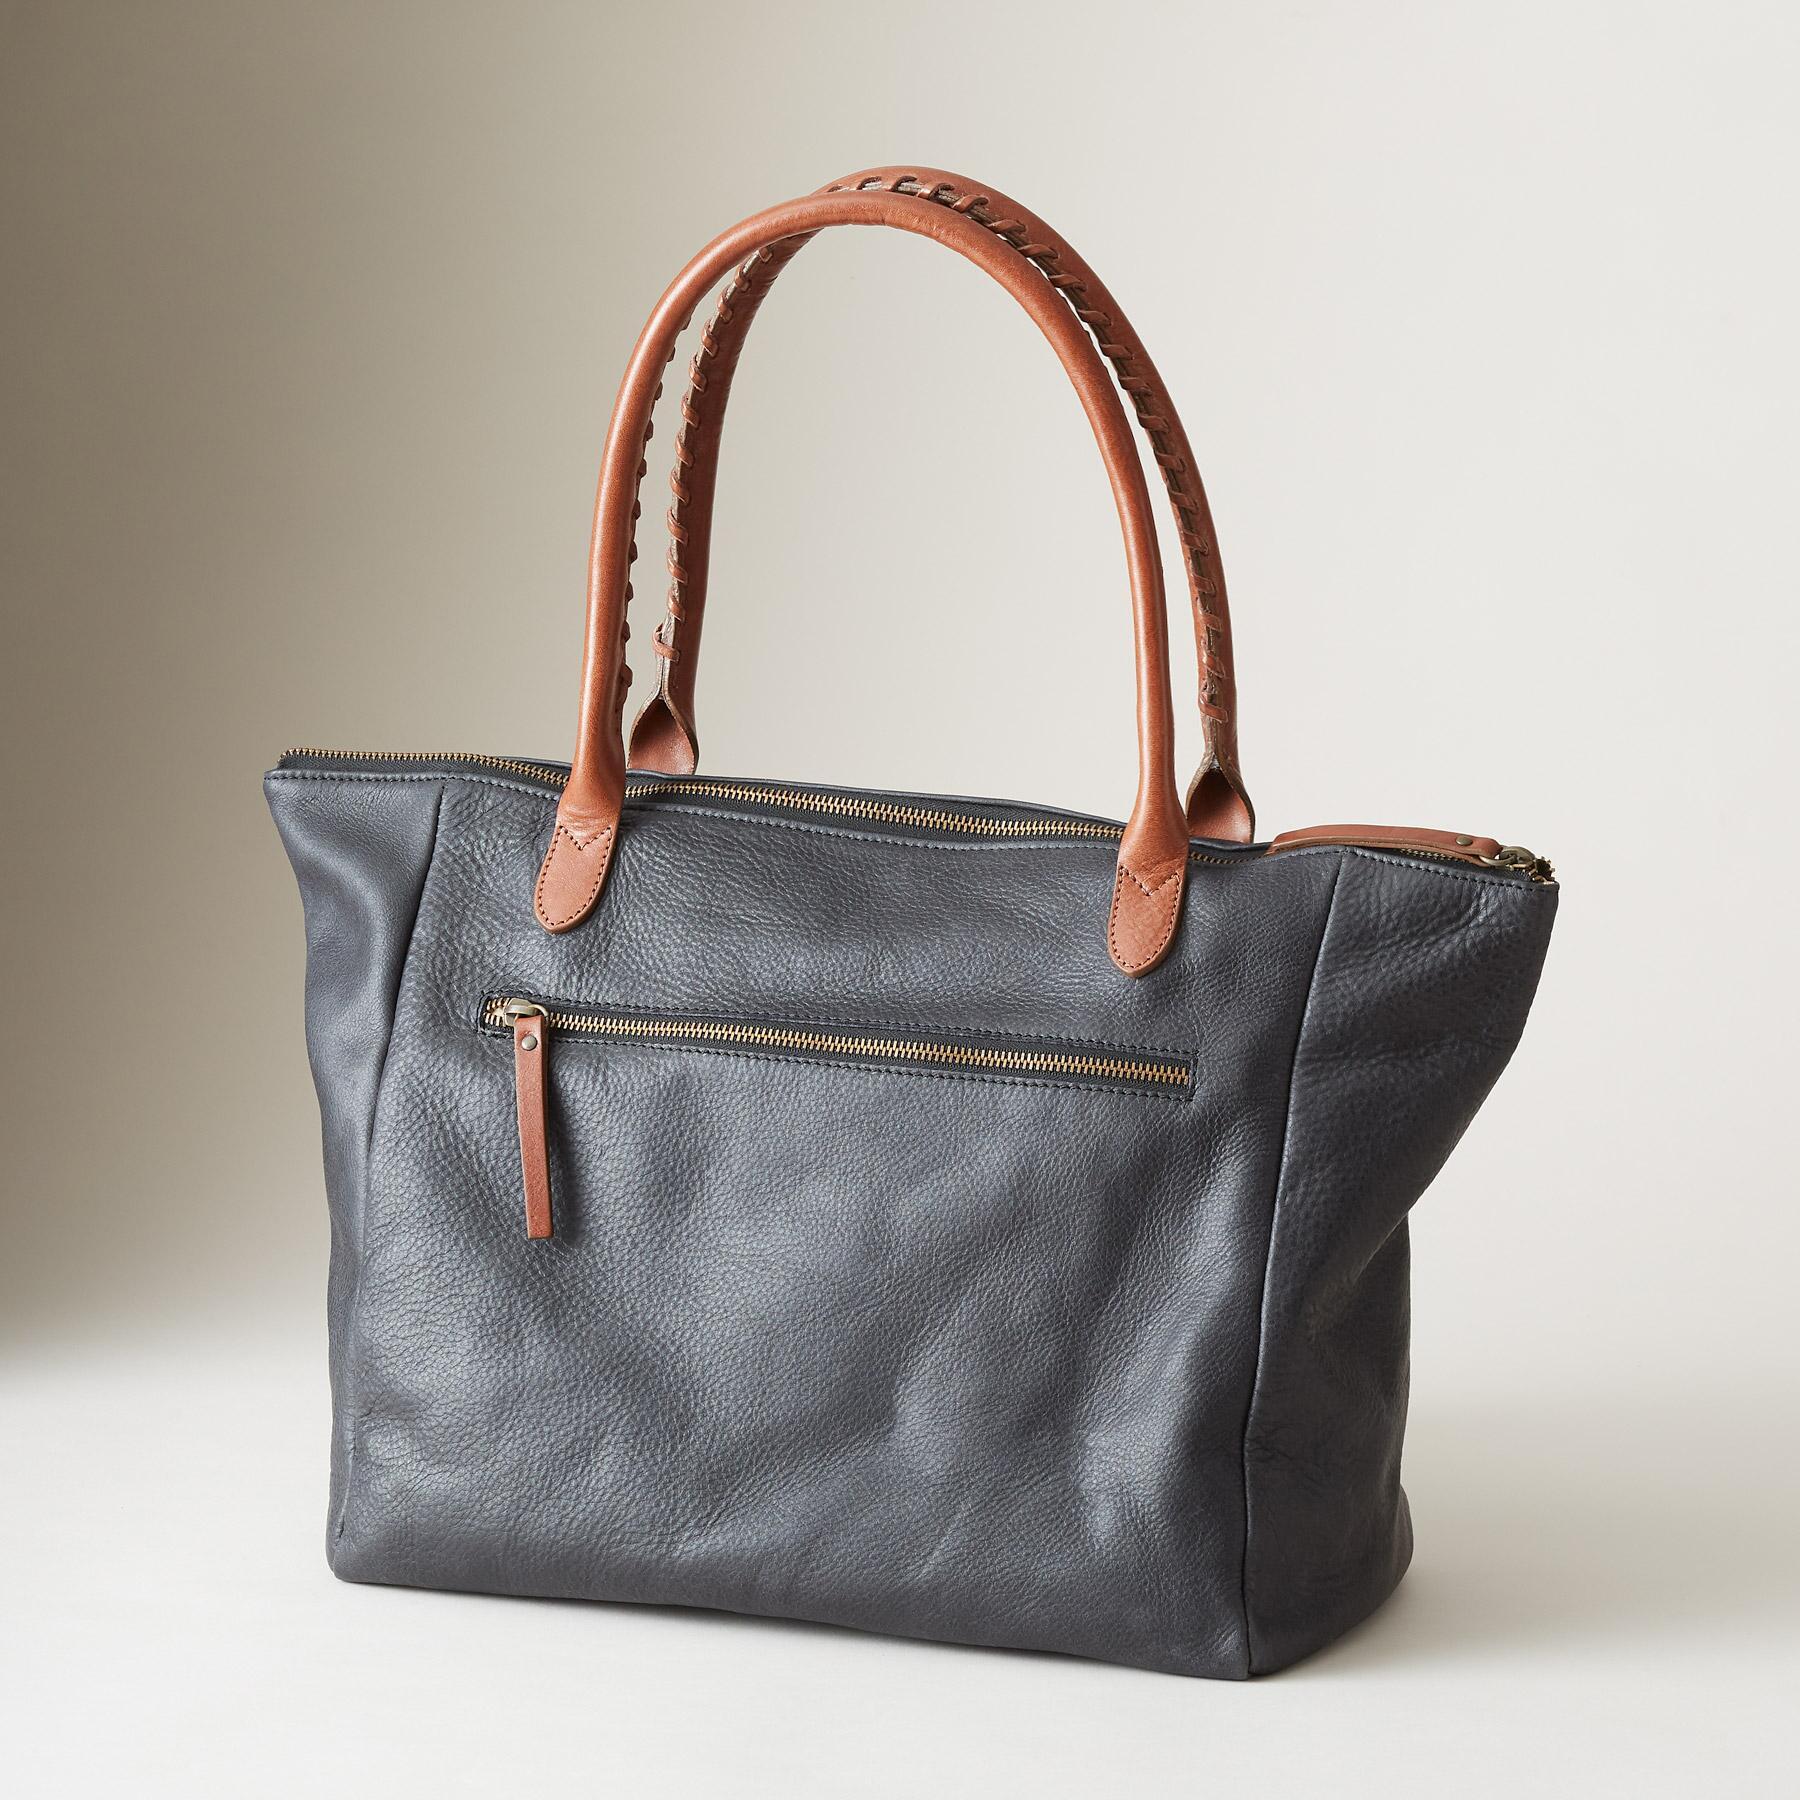 SIMPLICITY TOTE BAG: View 2